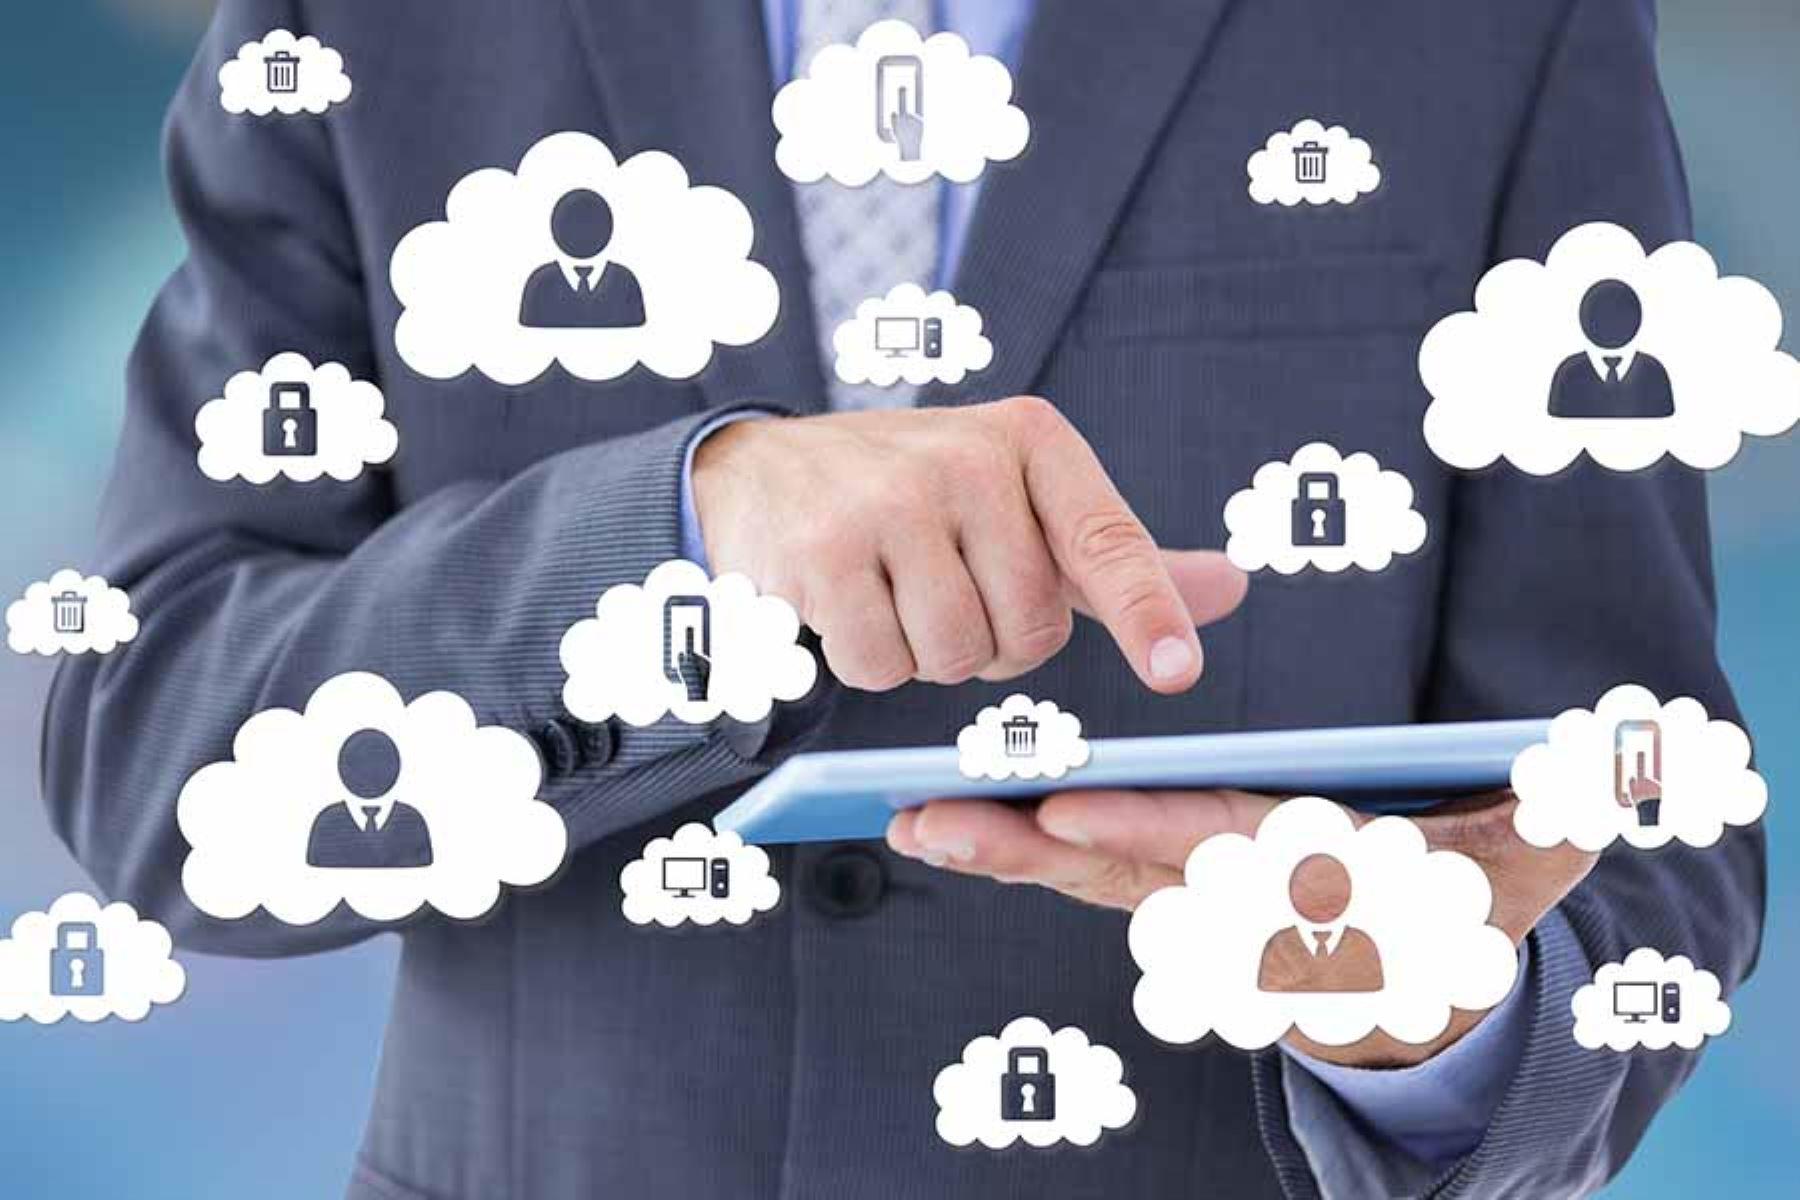 Startup peruana conecta entidades públicas con soluciones tecnológicas